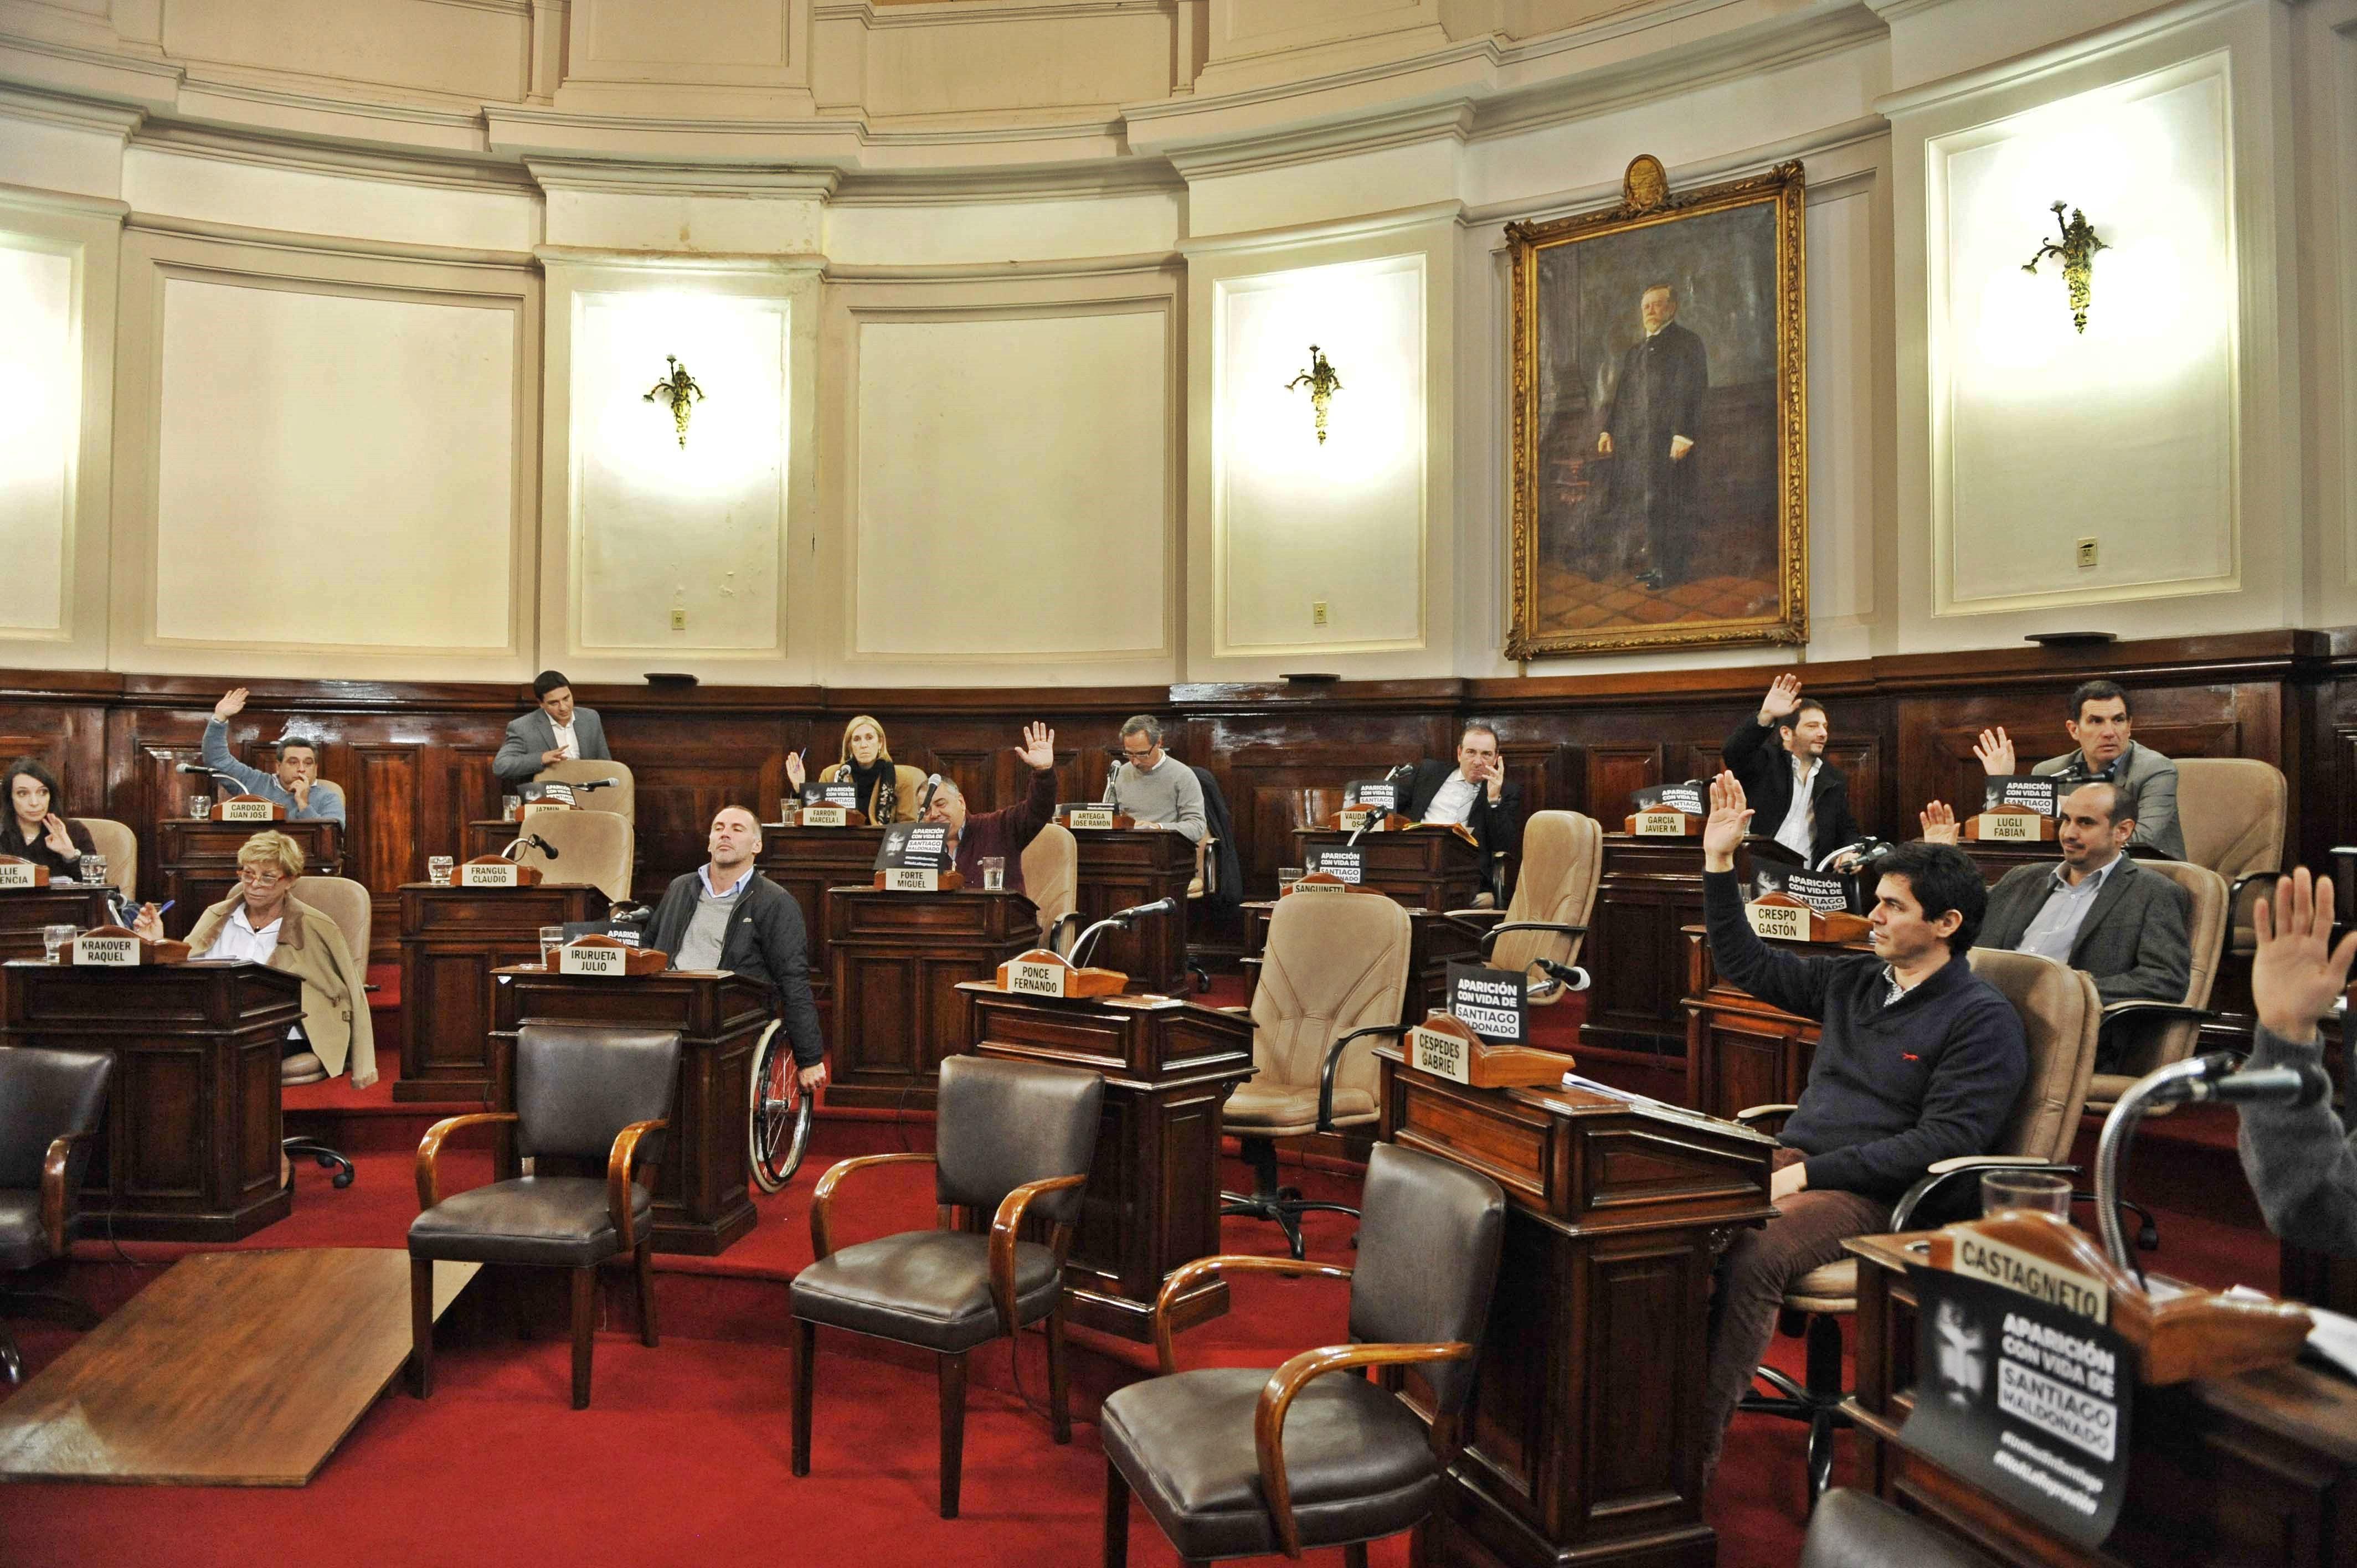 La Plata/ El concejo deliberante aprobó una ordenanza que prohíbe la quema de naumáticos en vía pública